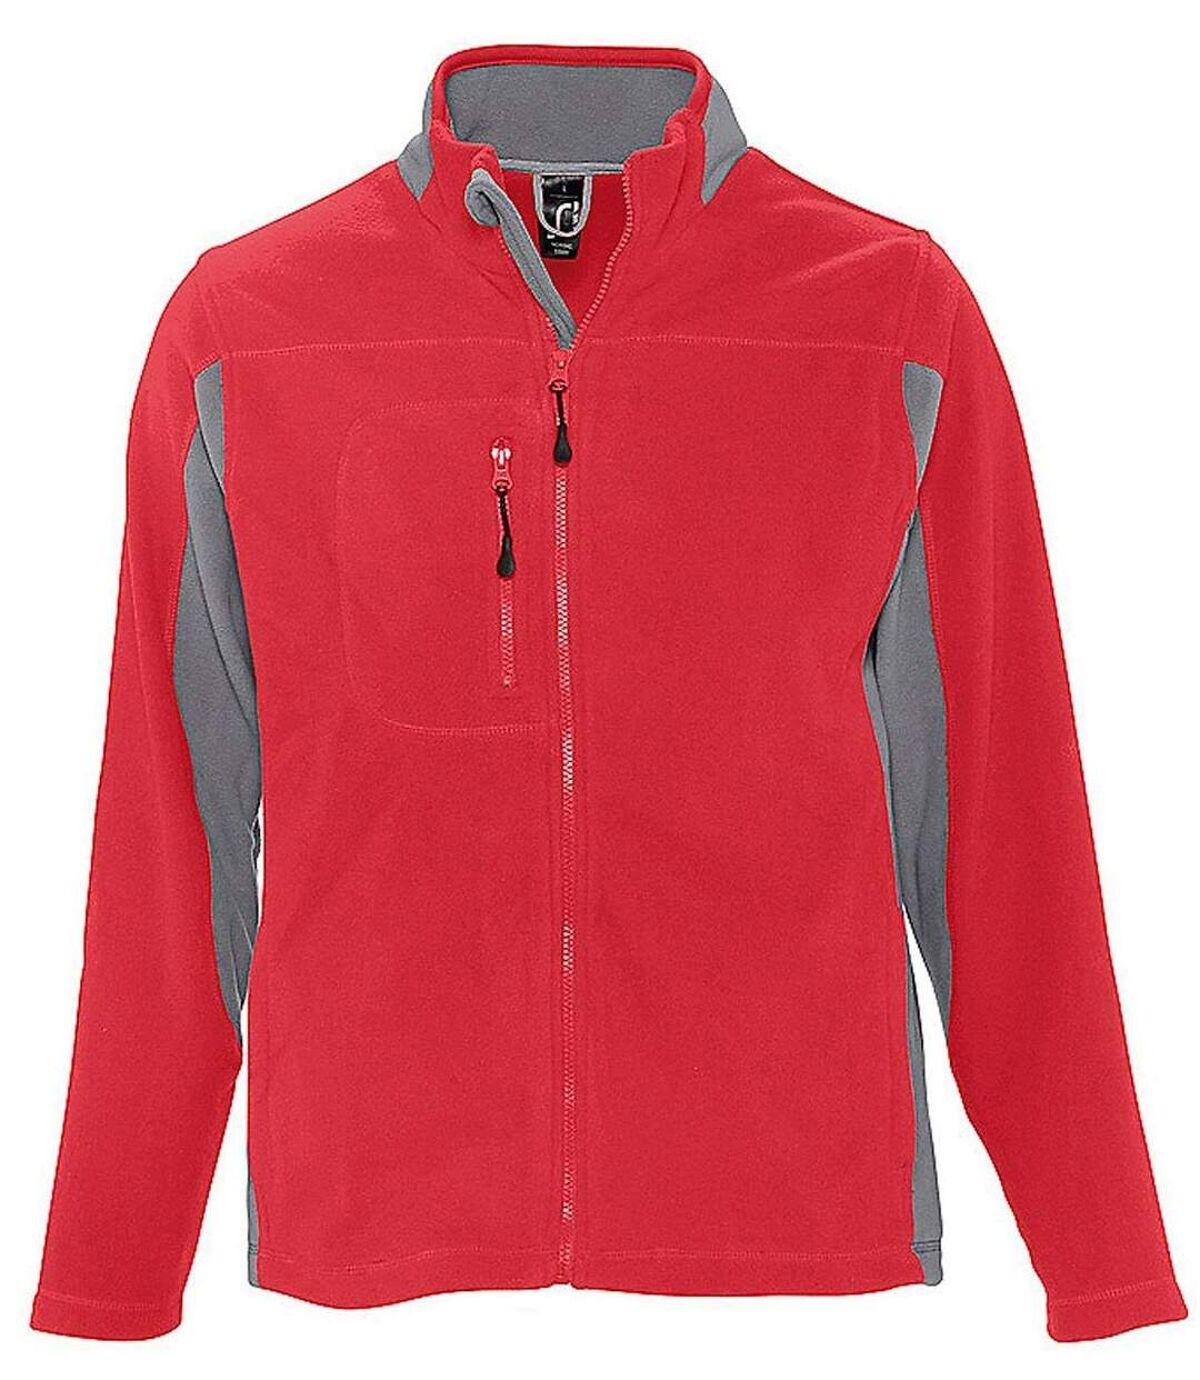 Veste polaire bicolore homme - 55500 - rouge